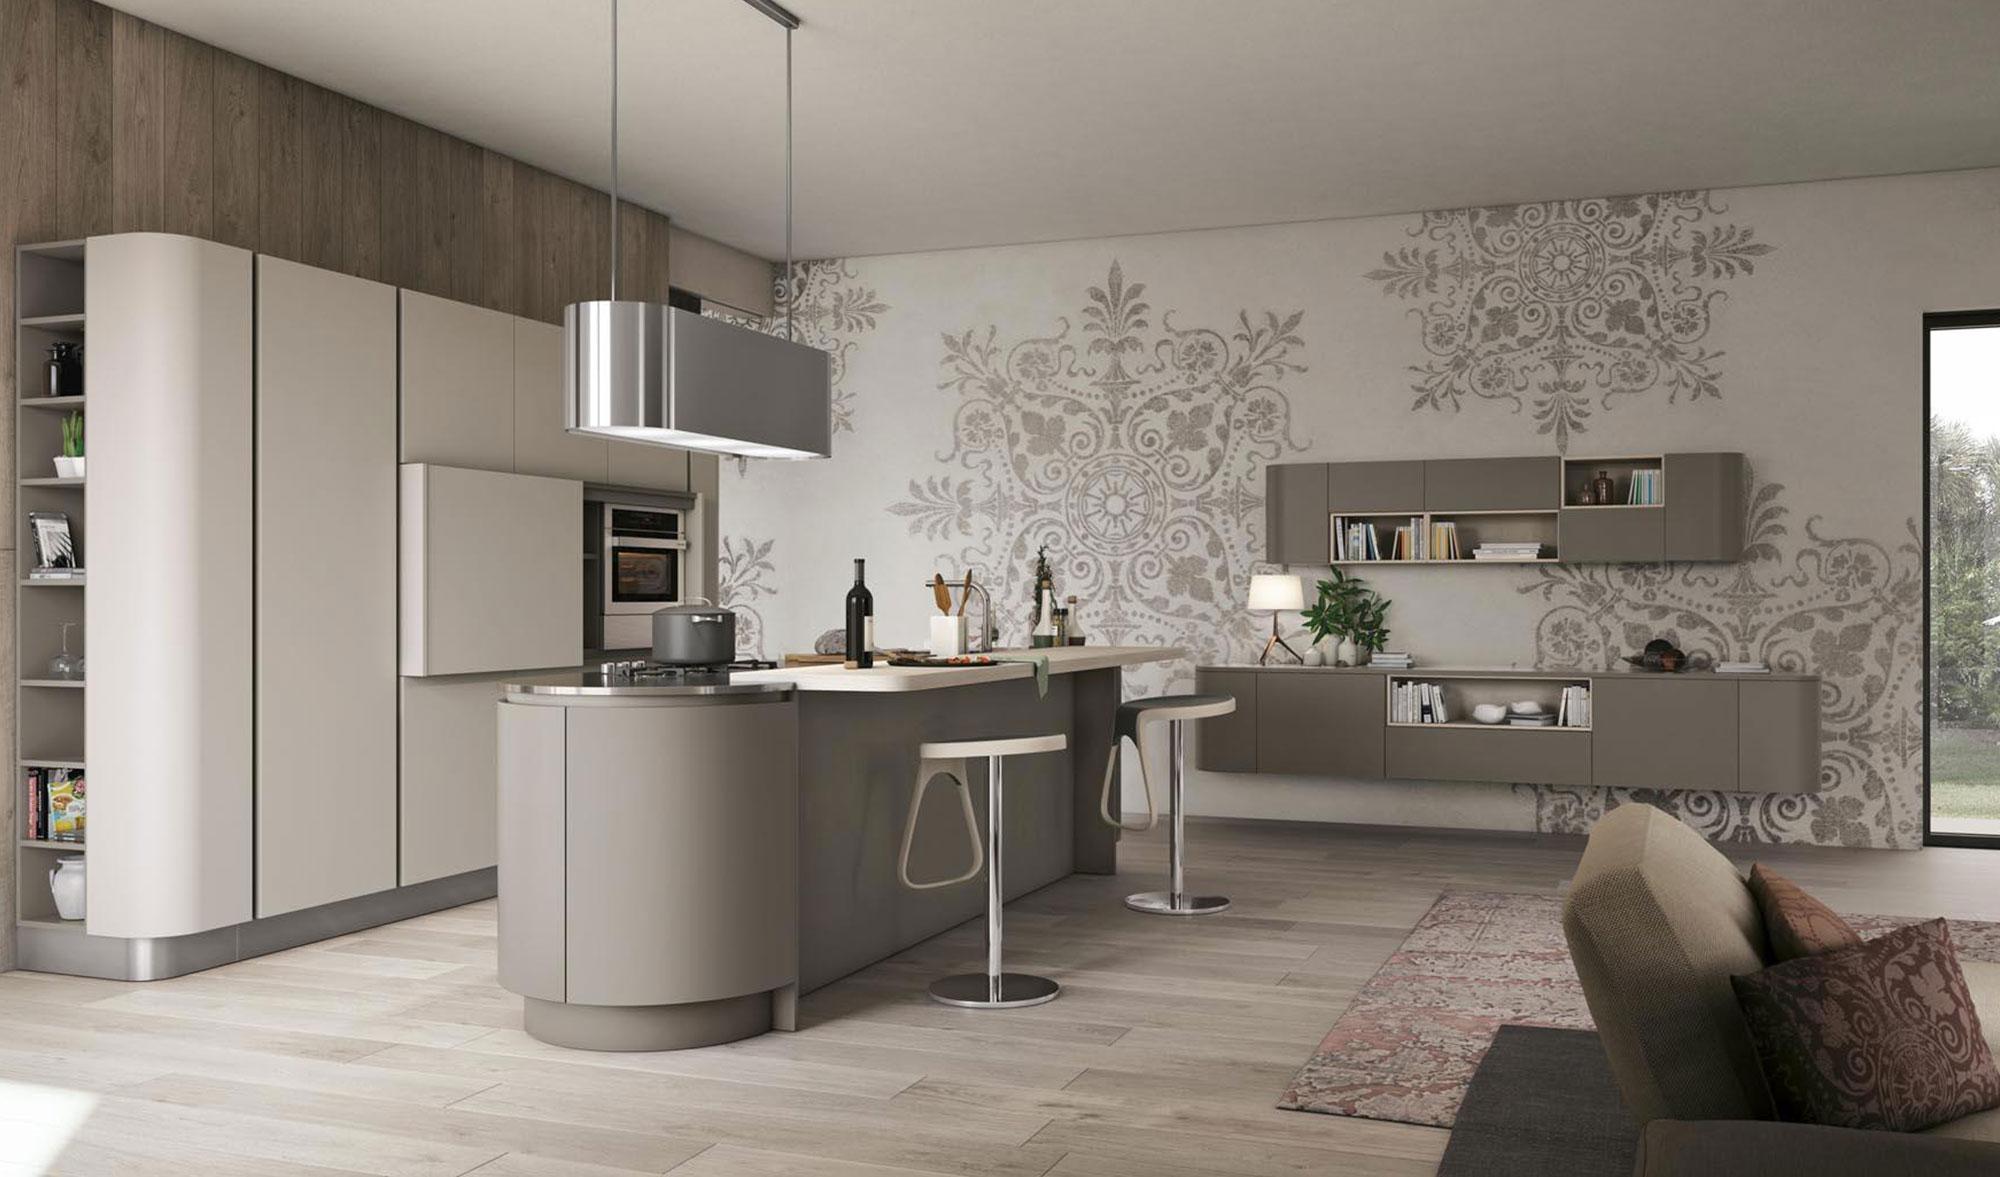 Cucine Lube Nola : Cucine lube novità arredo spazio casa